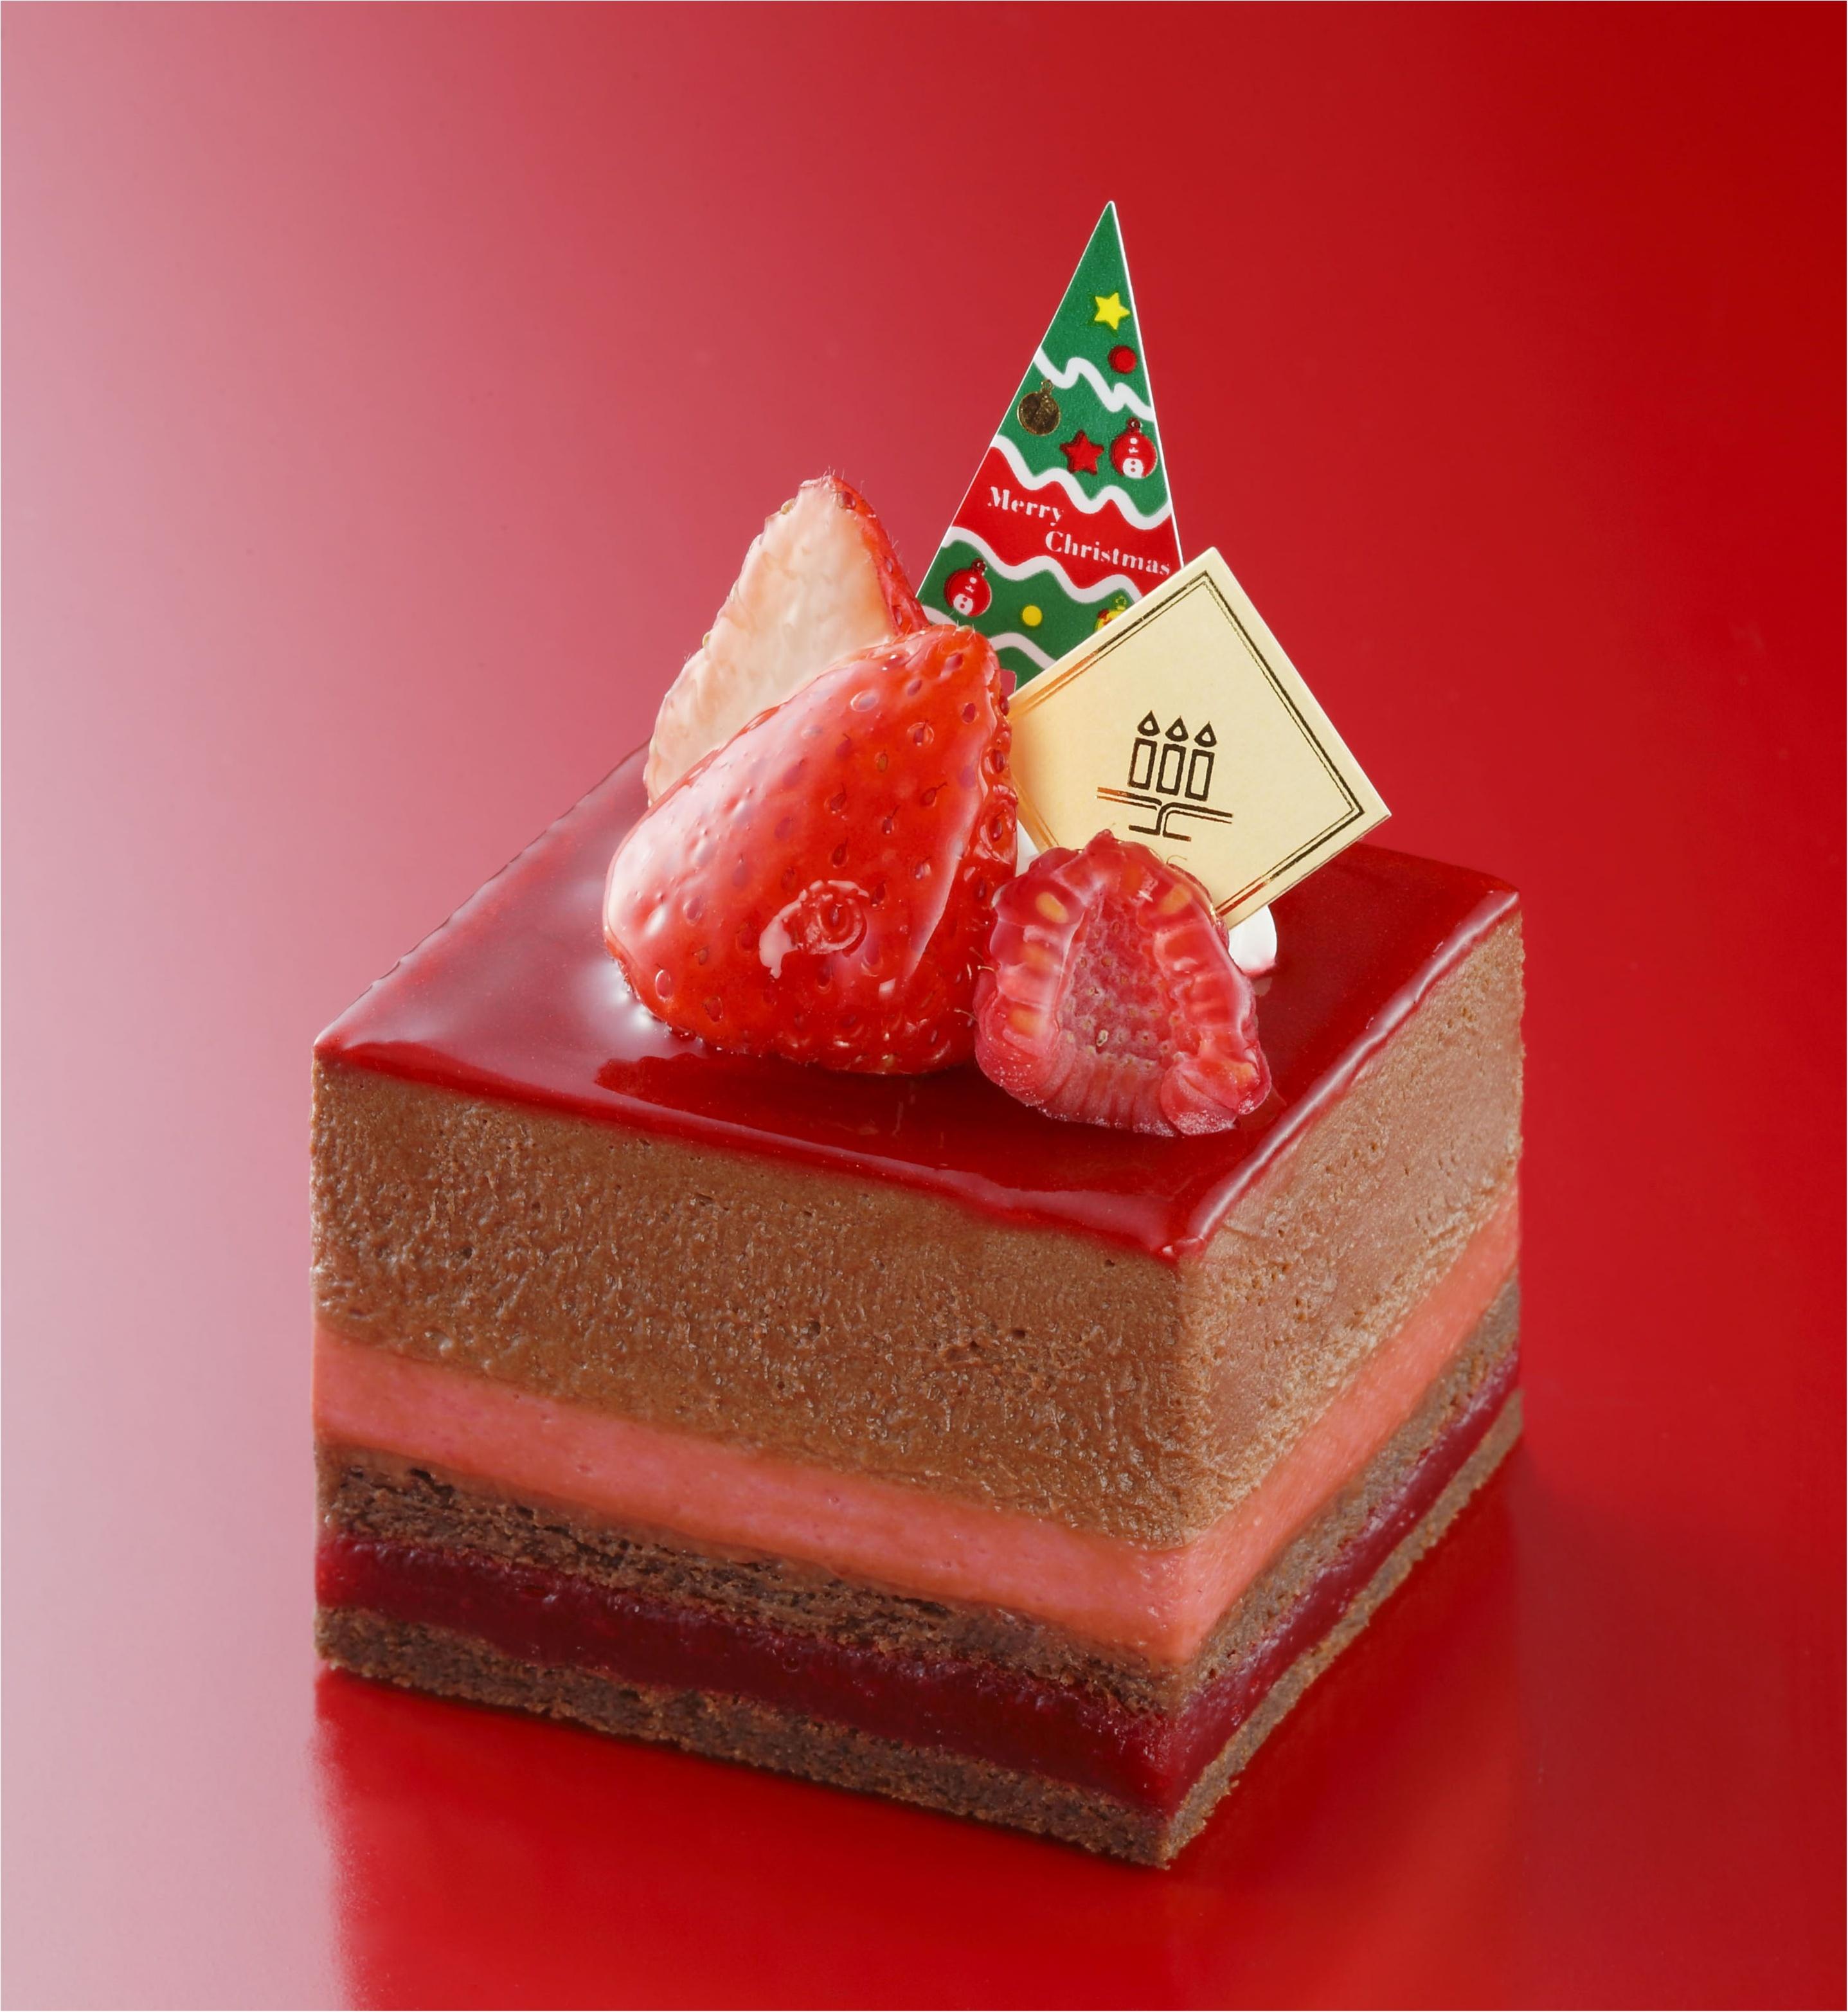 40年以上の歴史☆ 創業当時から変わらない『アンリ・シャルパンティエ』の、真っ白ケーキをご堪能あれ!_2_3